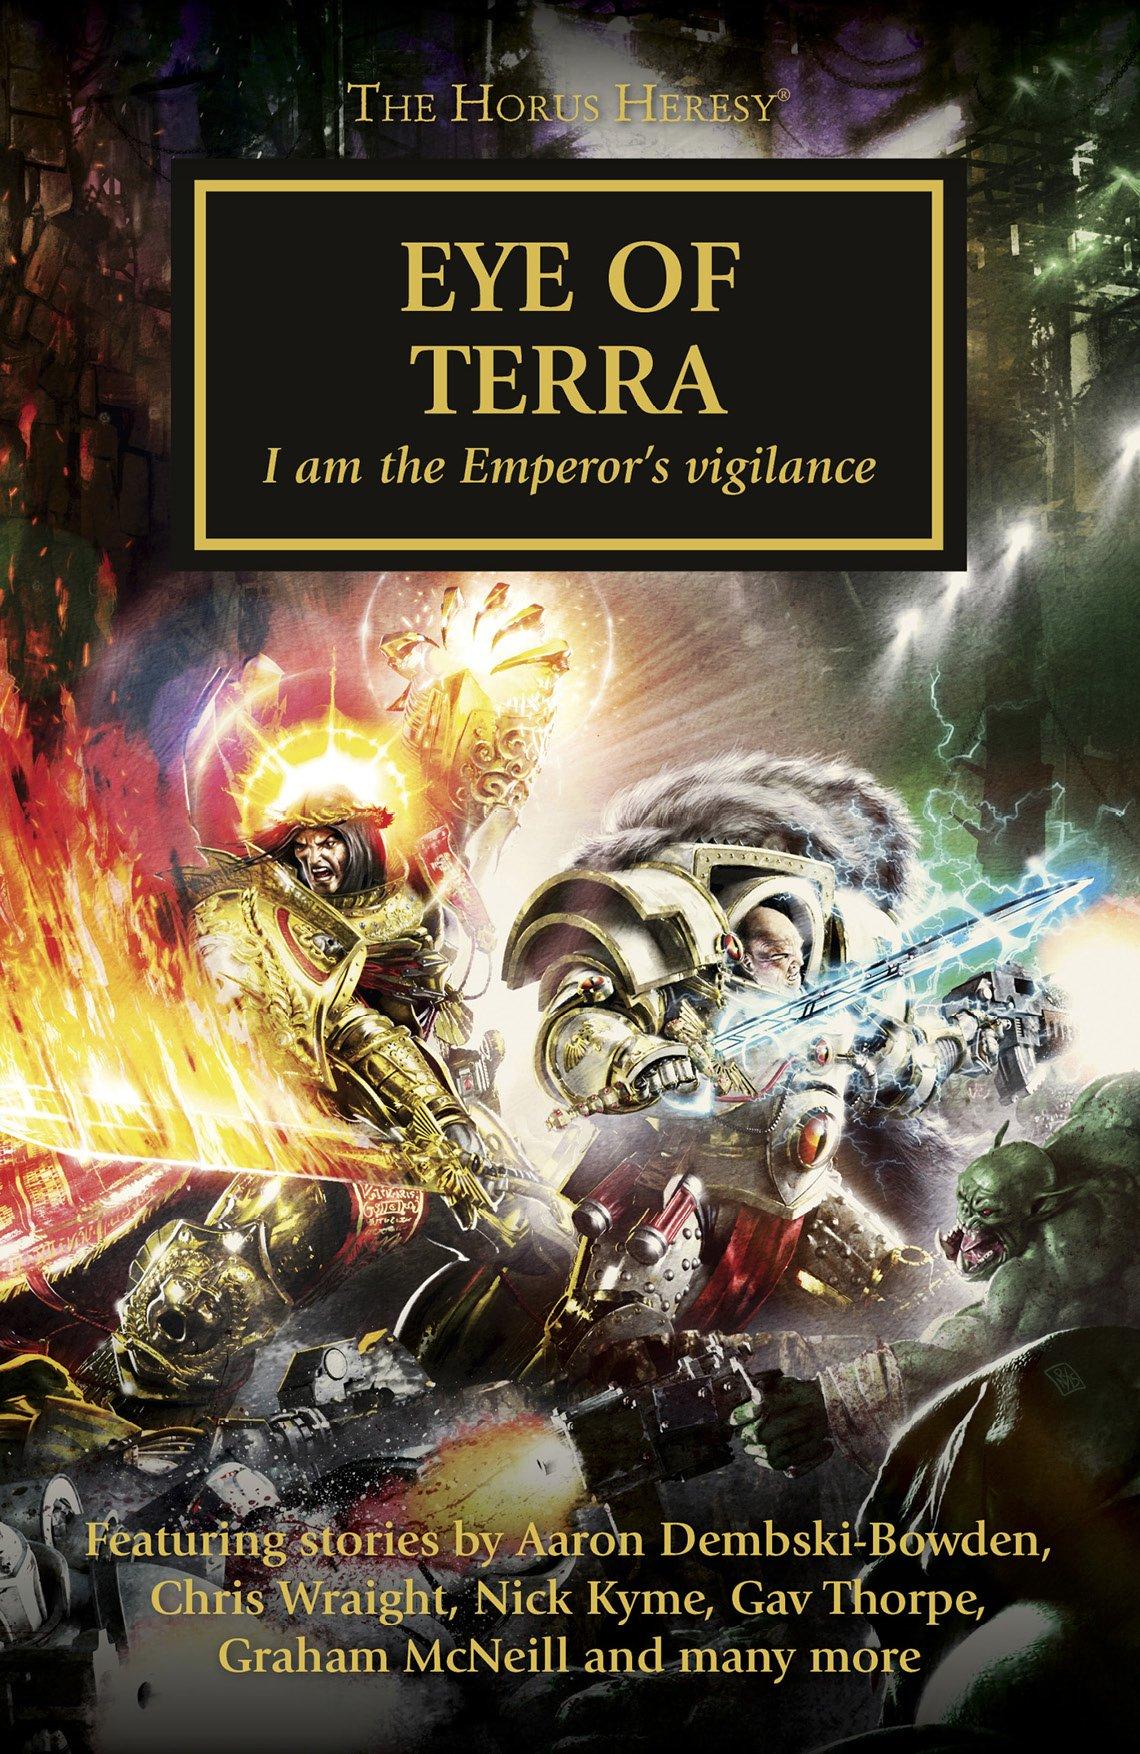 Eye of Terra by L.J. Goulding